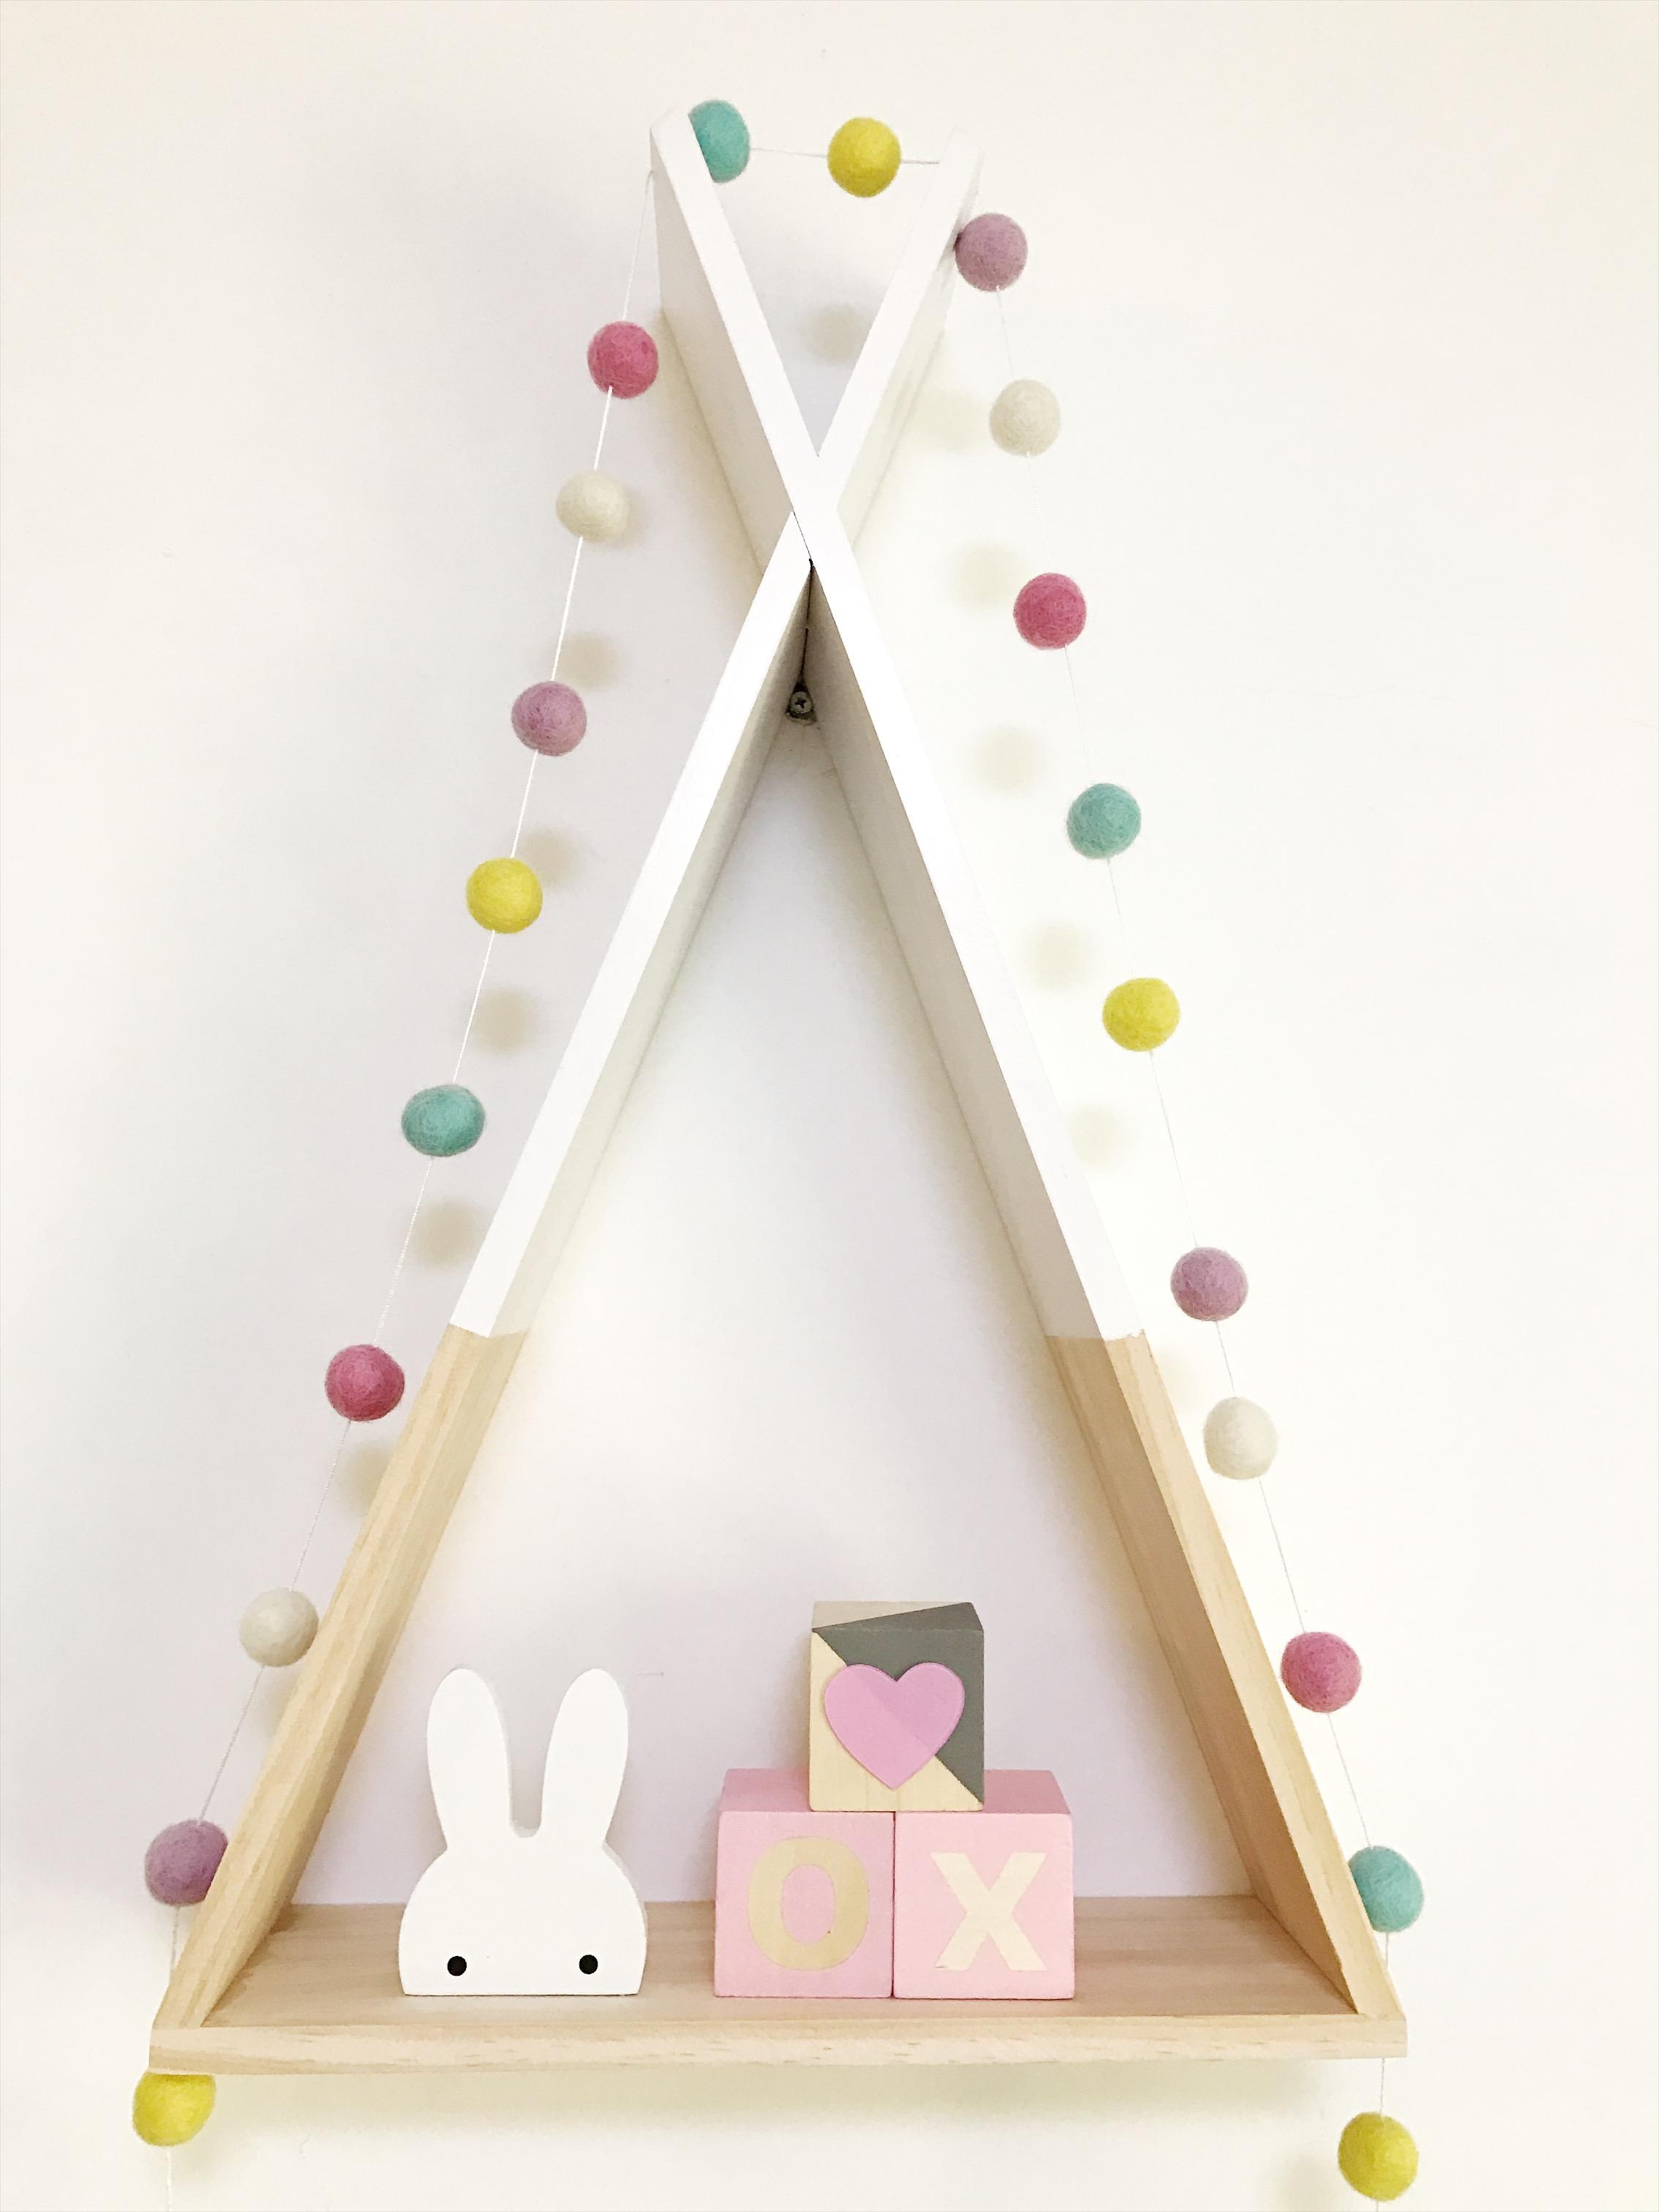 milky garden独家定制ins北欧风创意三角形实木儿童房图片